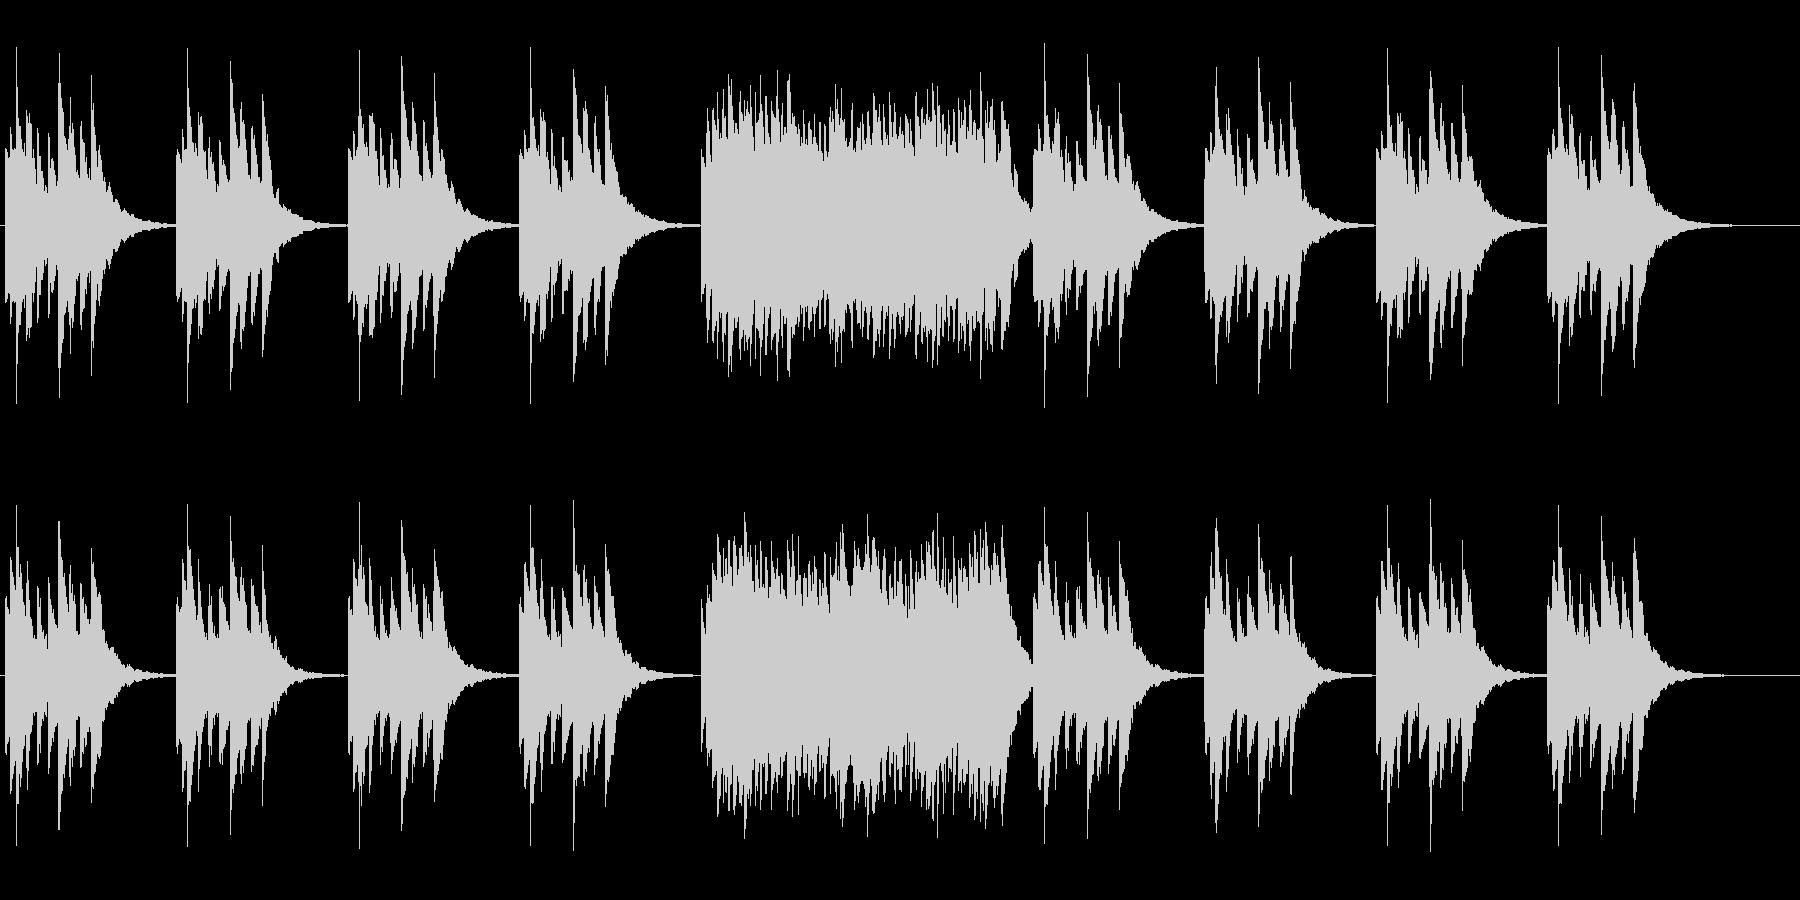 せつない旋律のオルゴールの曲ですの未再生の波形